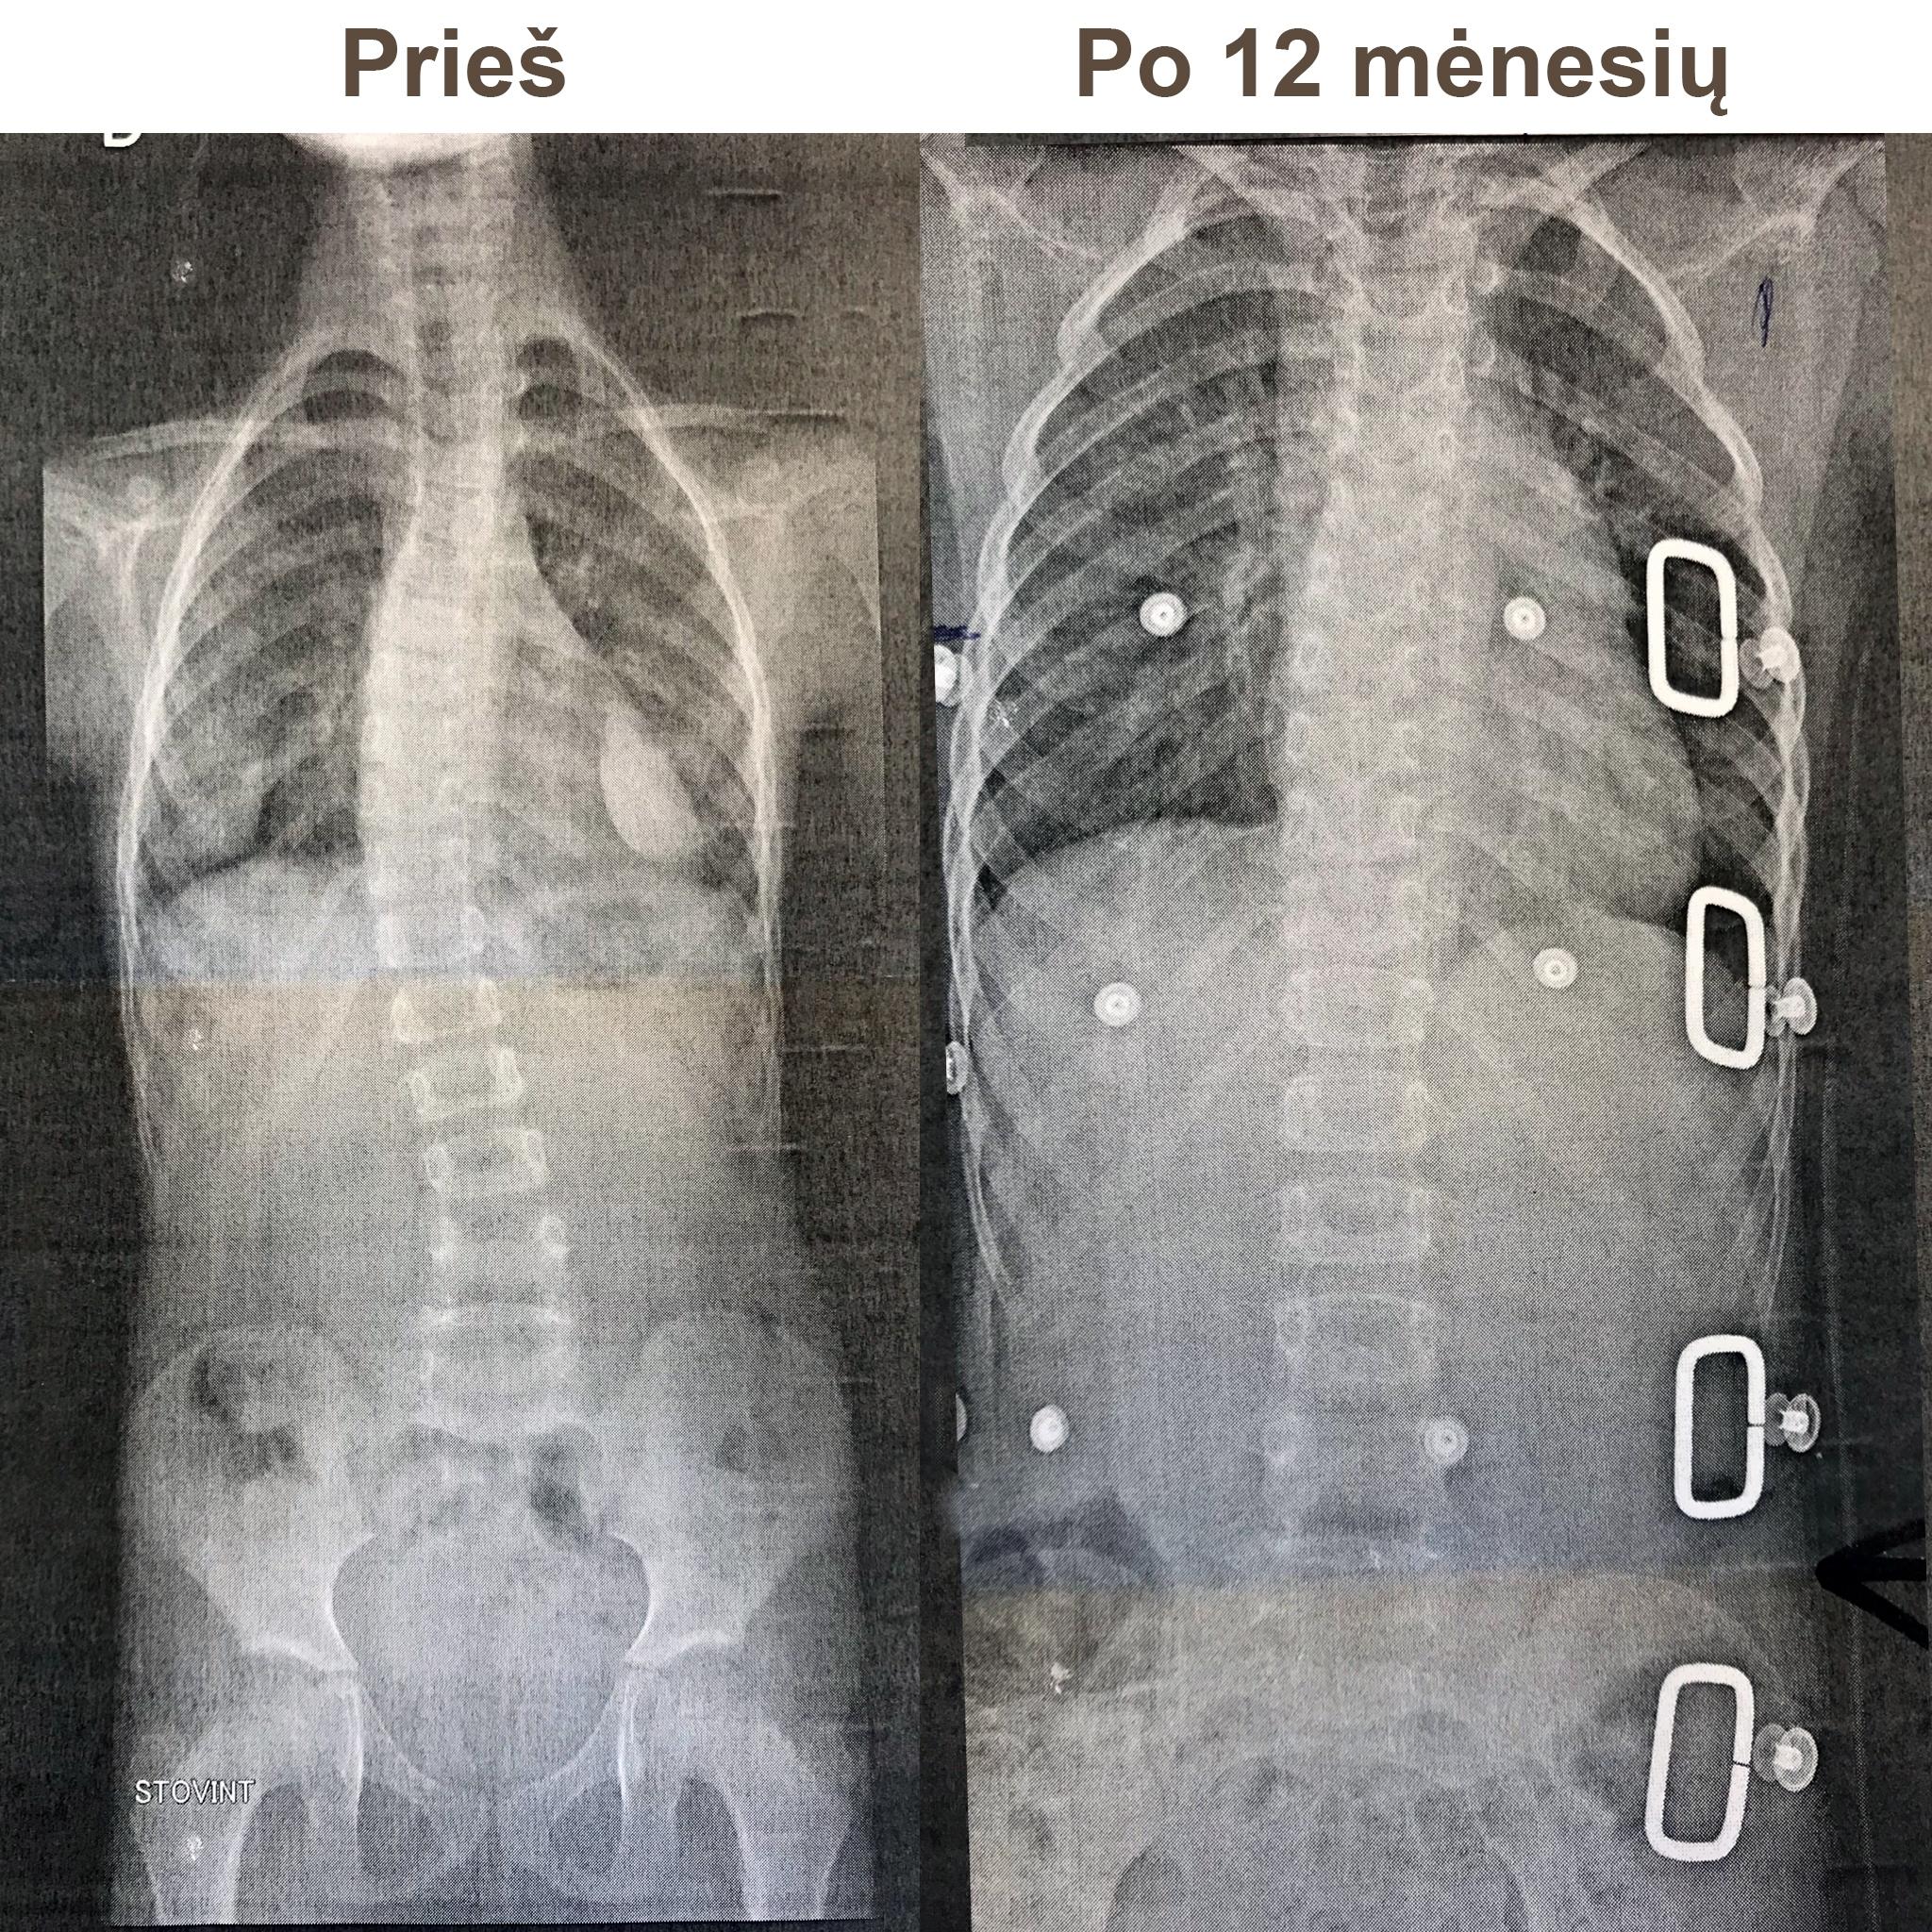 Korseto dėvėjimas - prieš ir po 12 mėn.